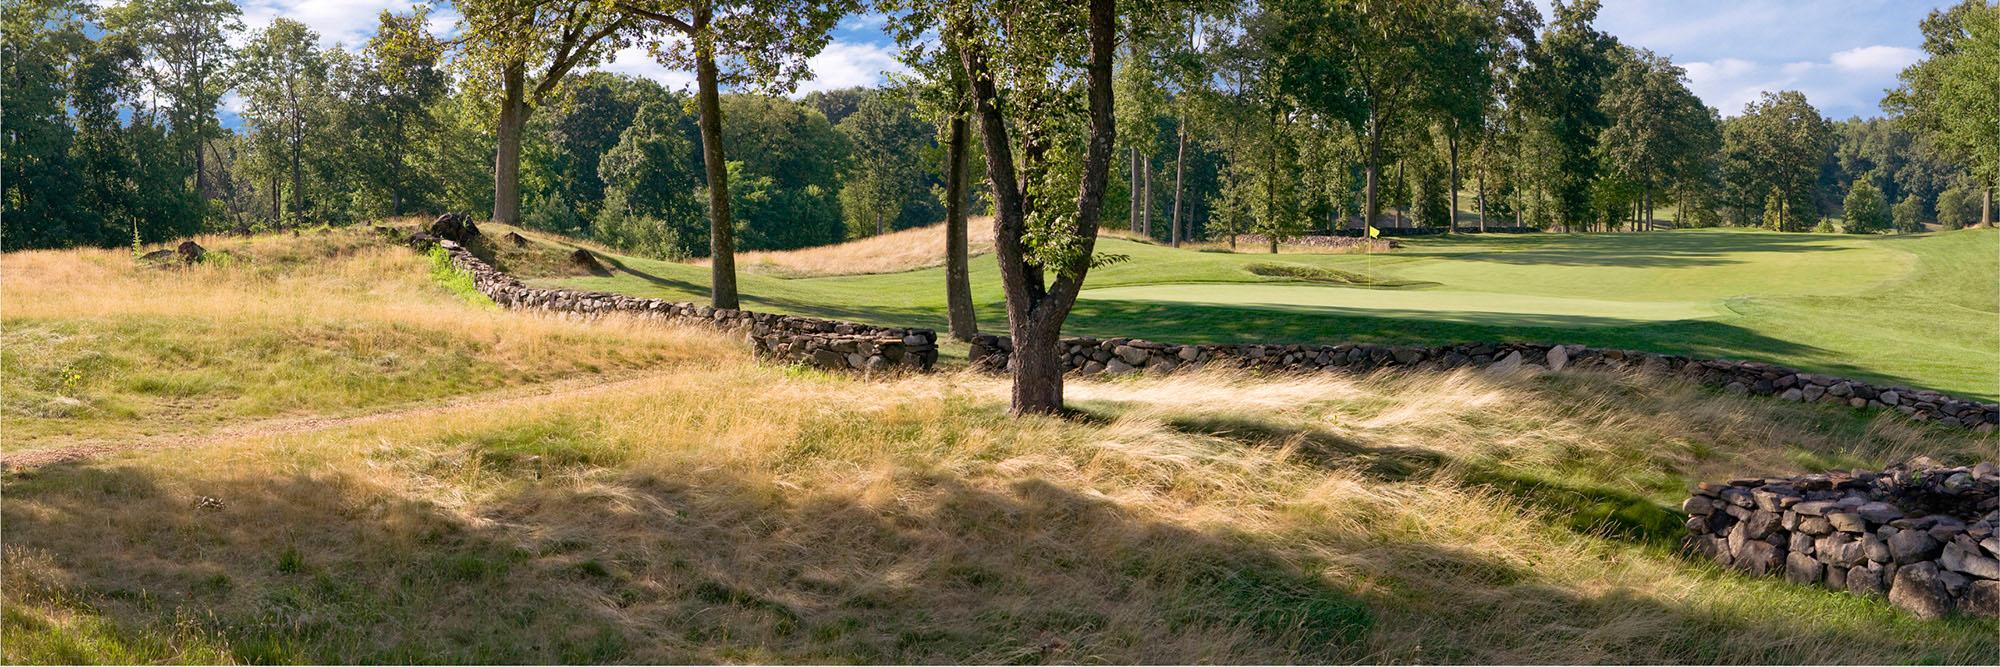 Golf Course Image - Hudson National Golf Club No. 6